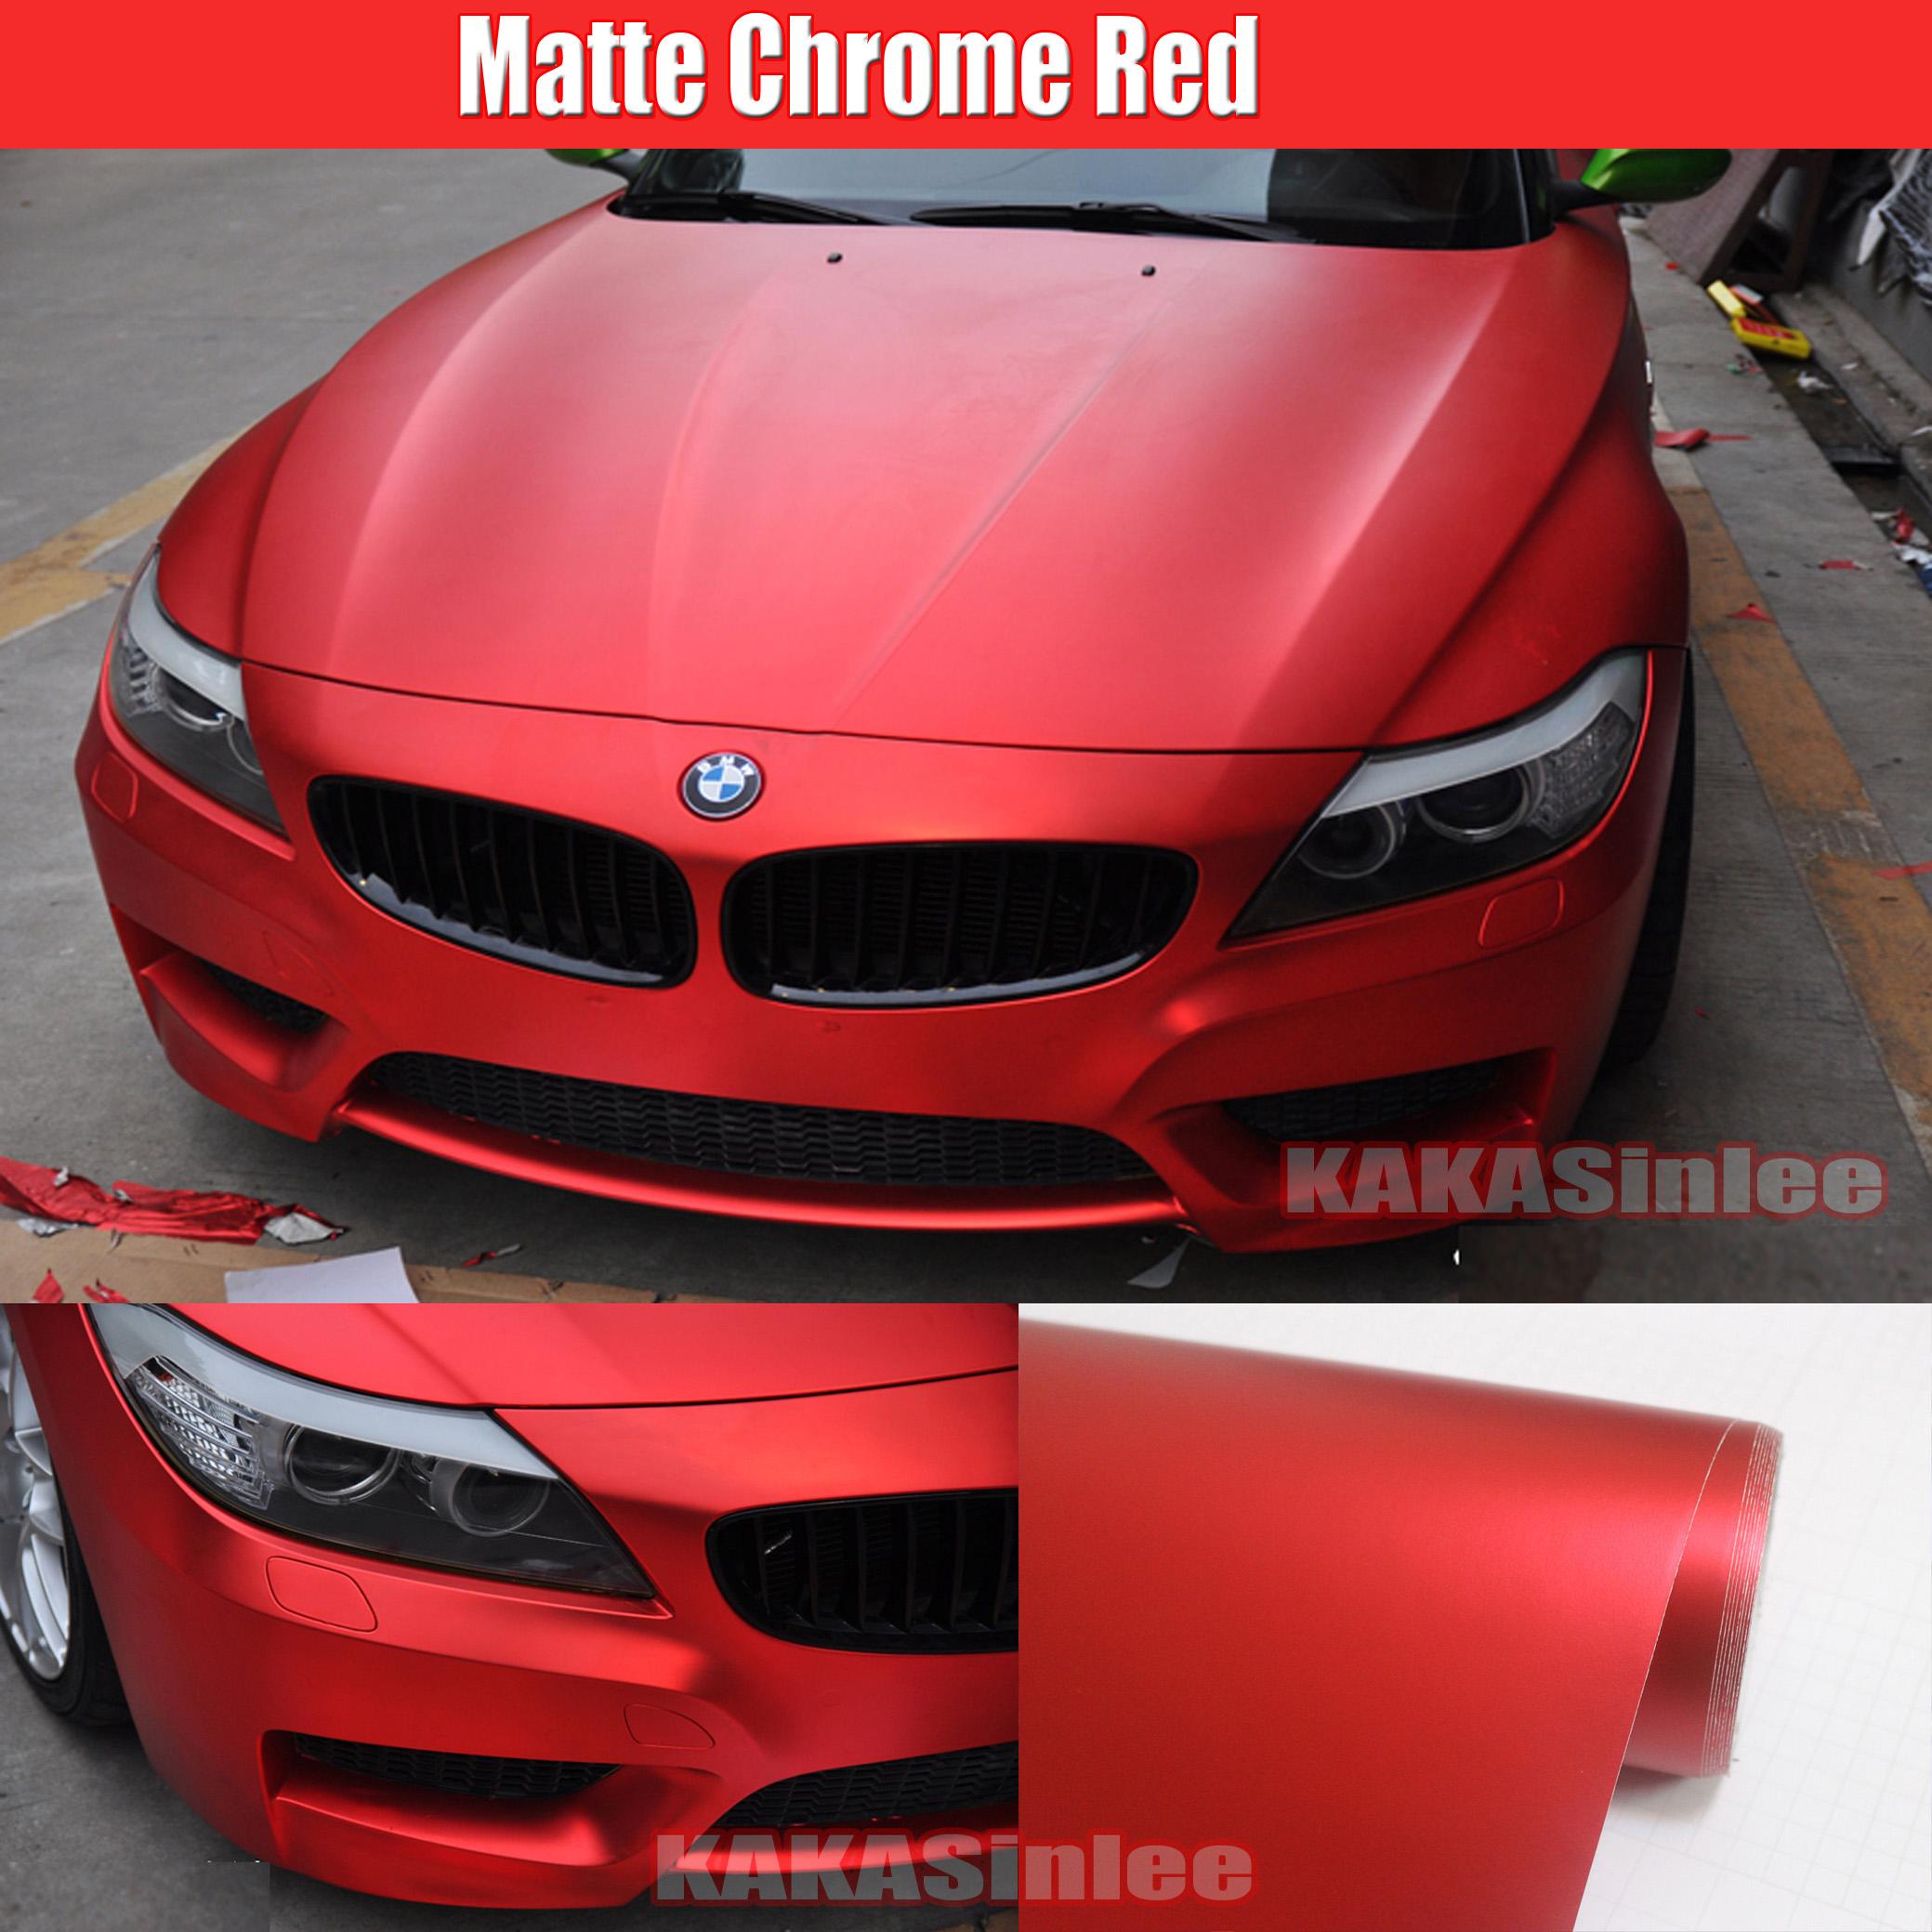 Style Car Satin Matte Metal Metallic Chrome Vinyl Wrap Sticker Sheet Film HD